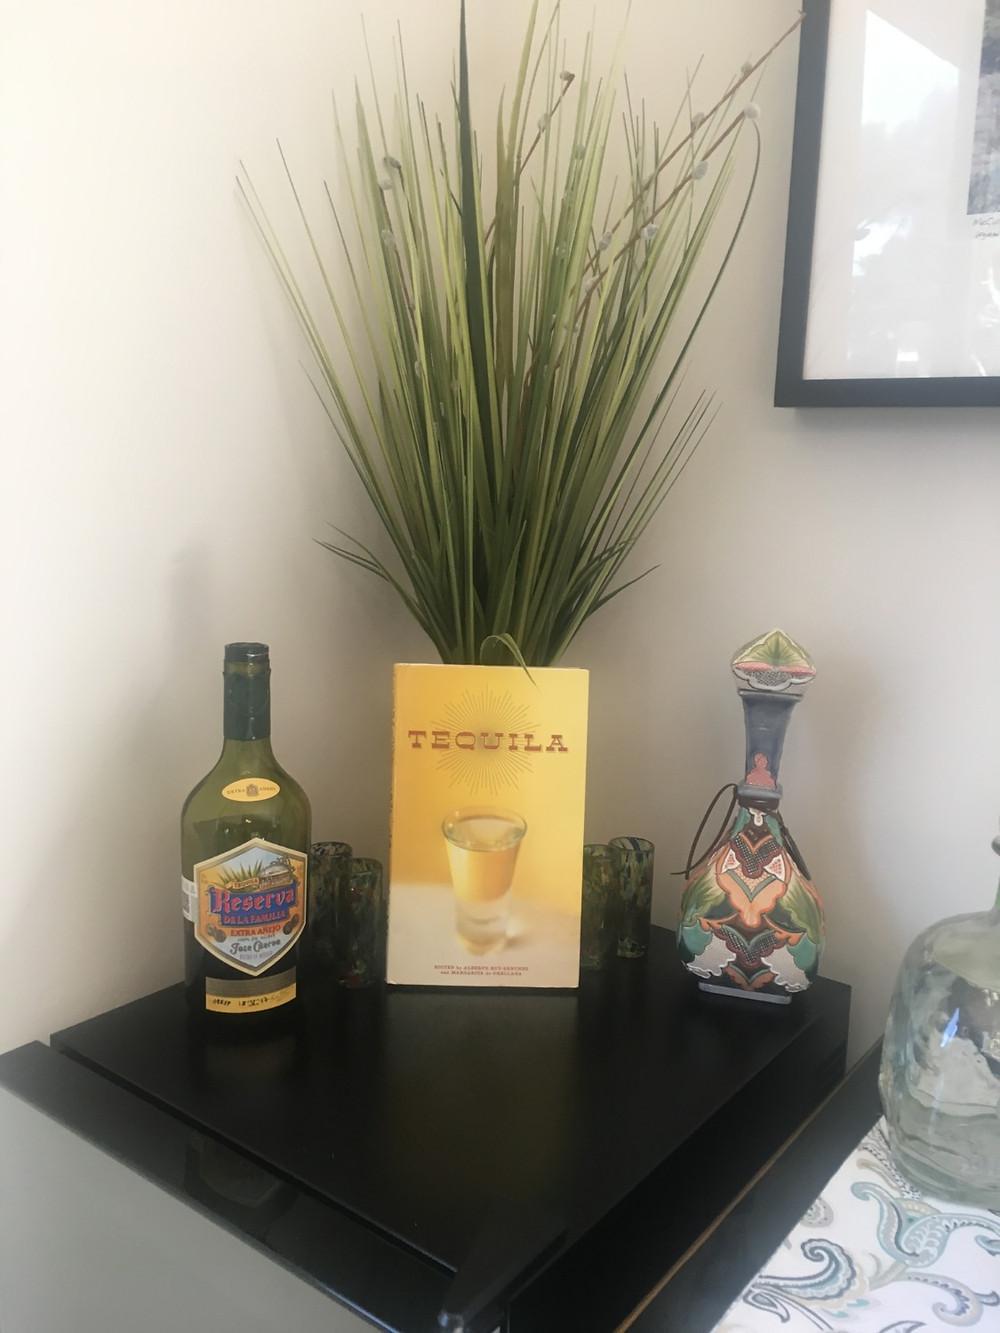 tequila book, Jose cuervo La Familia, tequila